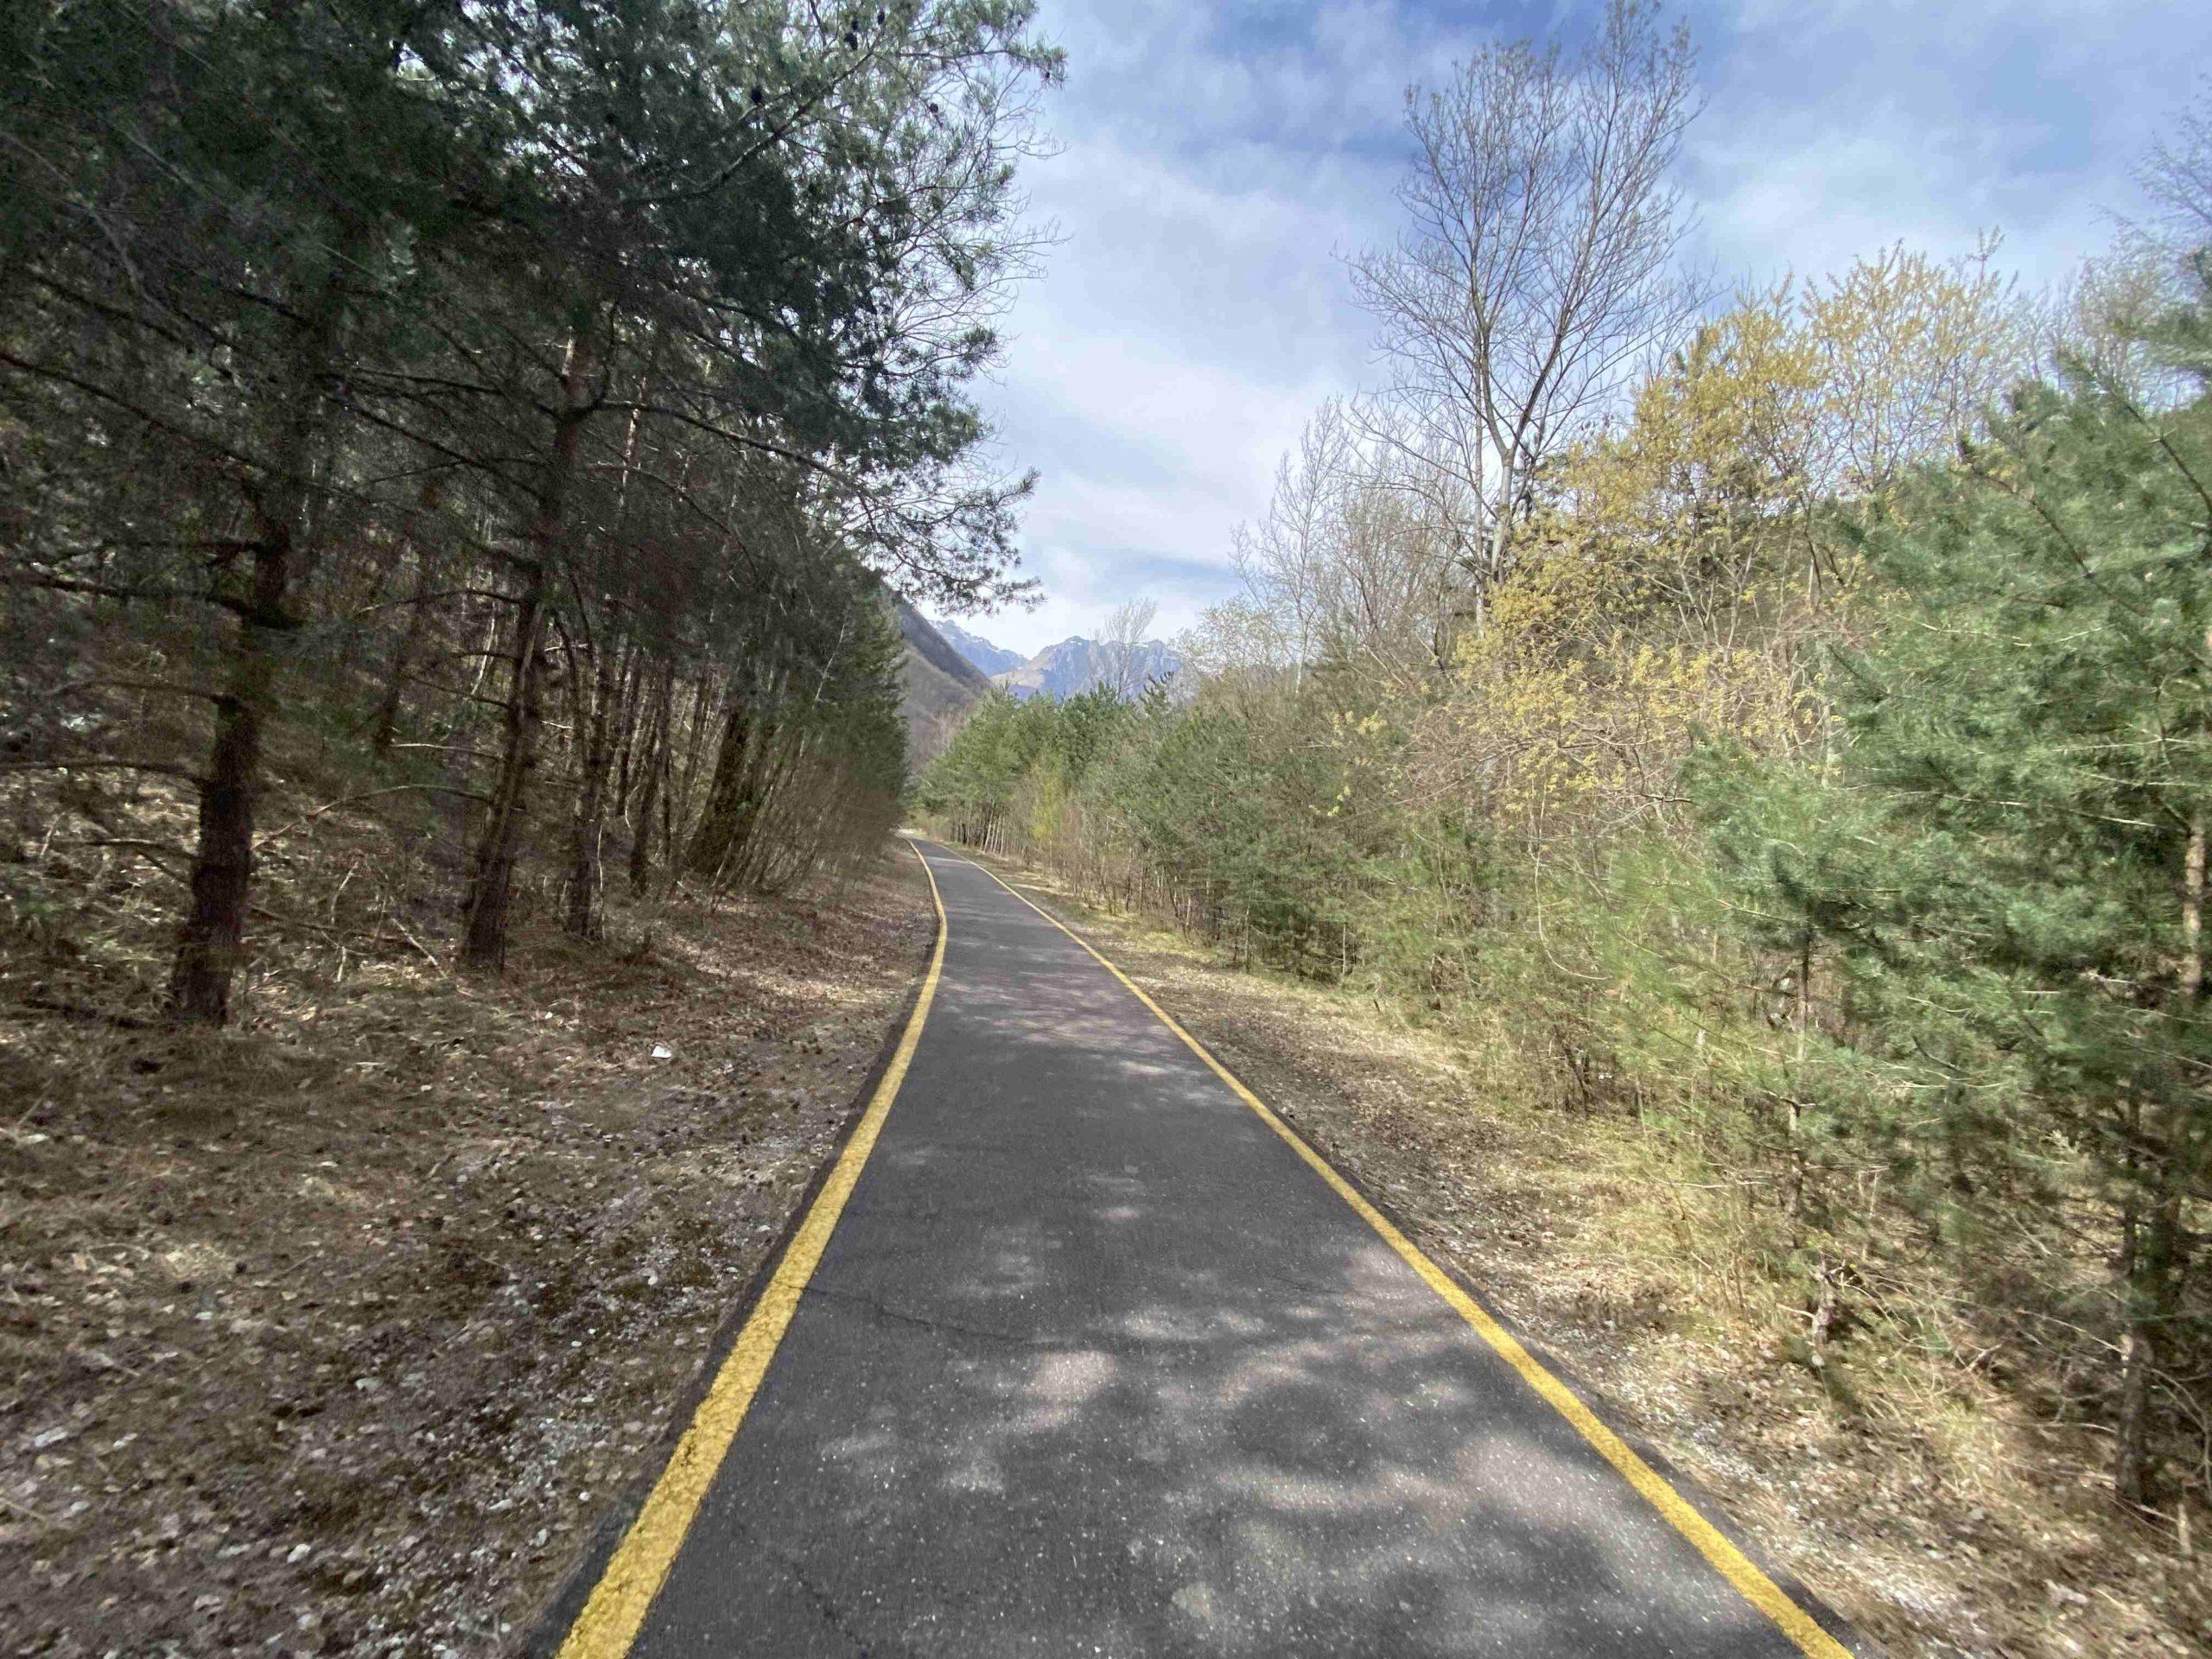 viaggiatore lento, lago di garda, vacanze in trentino, trentino in bici, viaggiare in bici, vacanze in bicicletta, garda trentino, piste ciclabili,